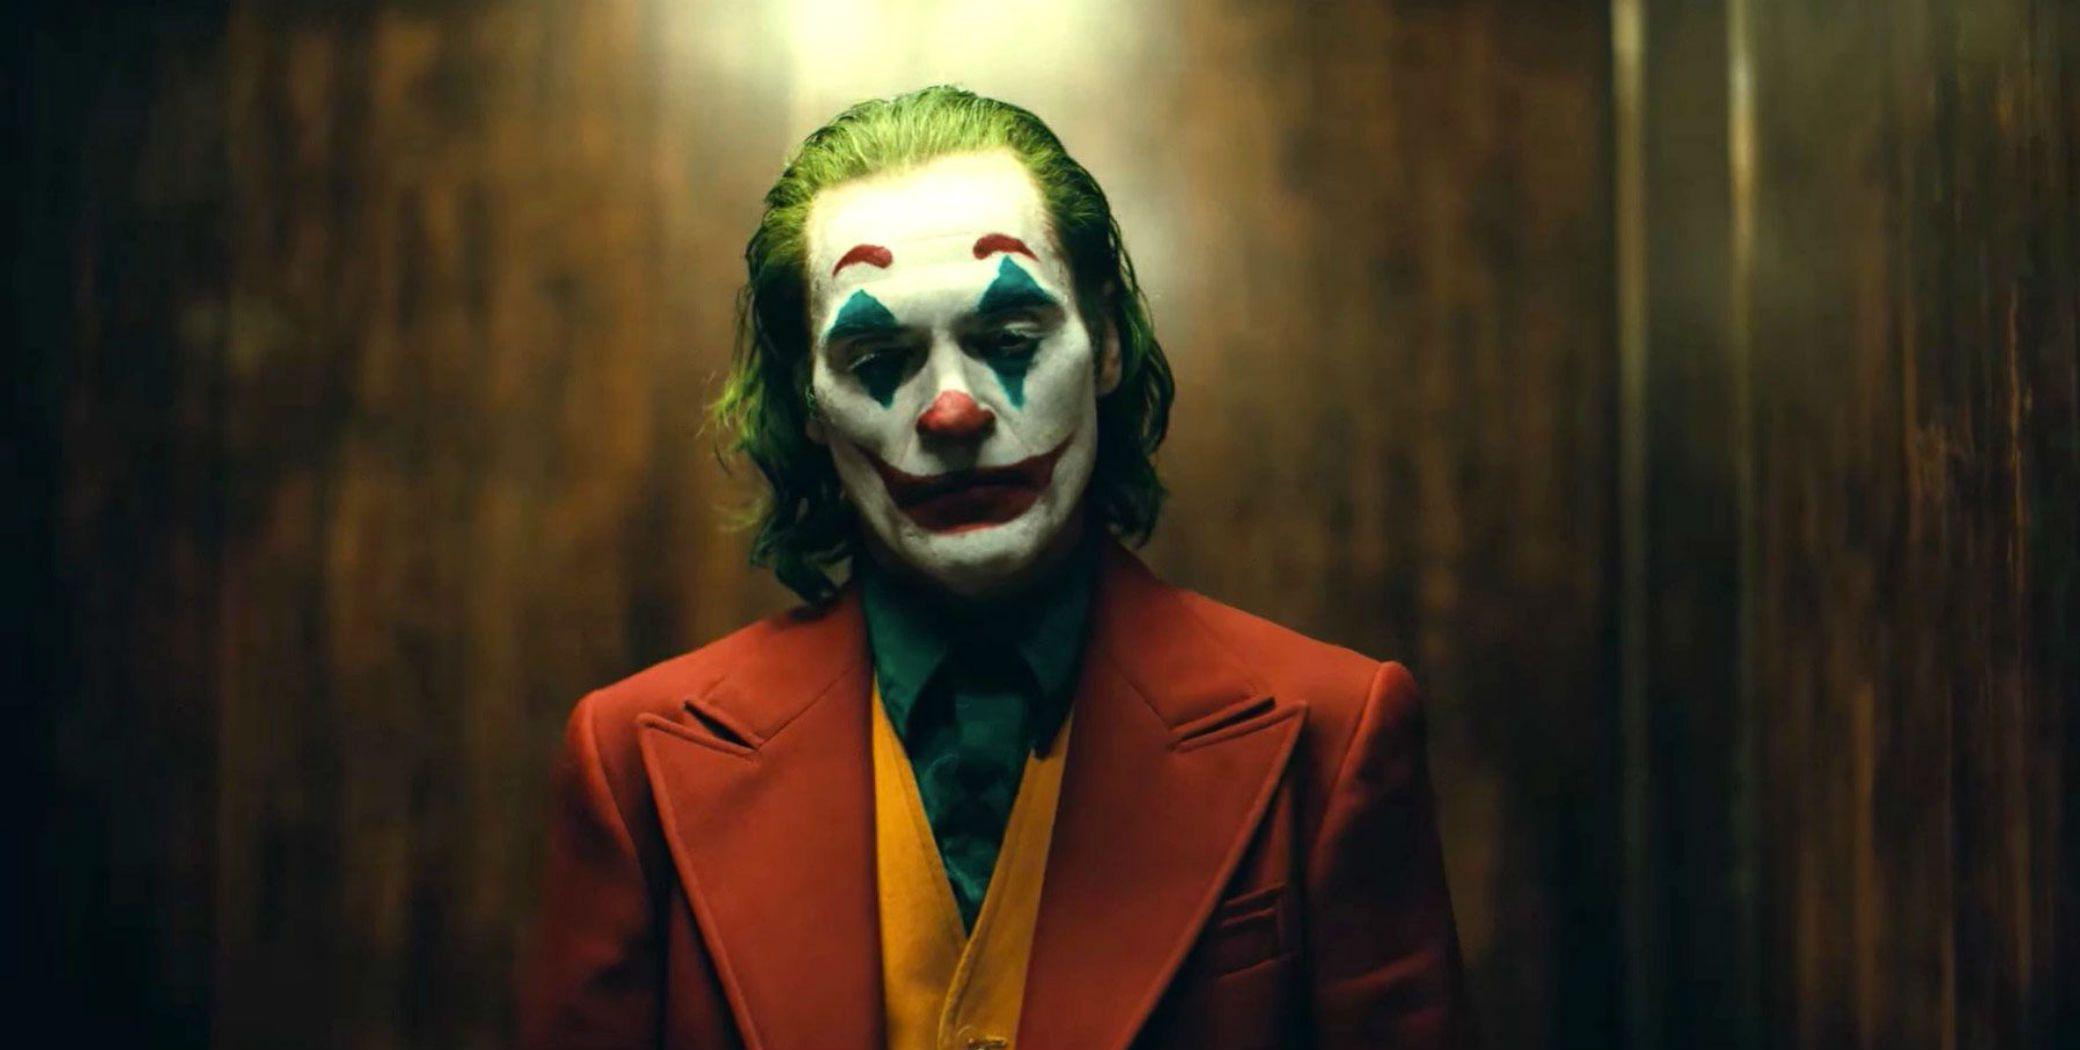 Joaquin Phoenix Joker Spotlight 1567253994